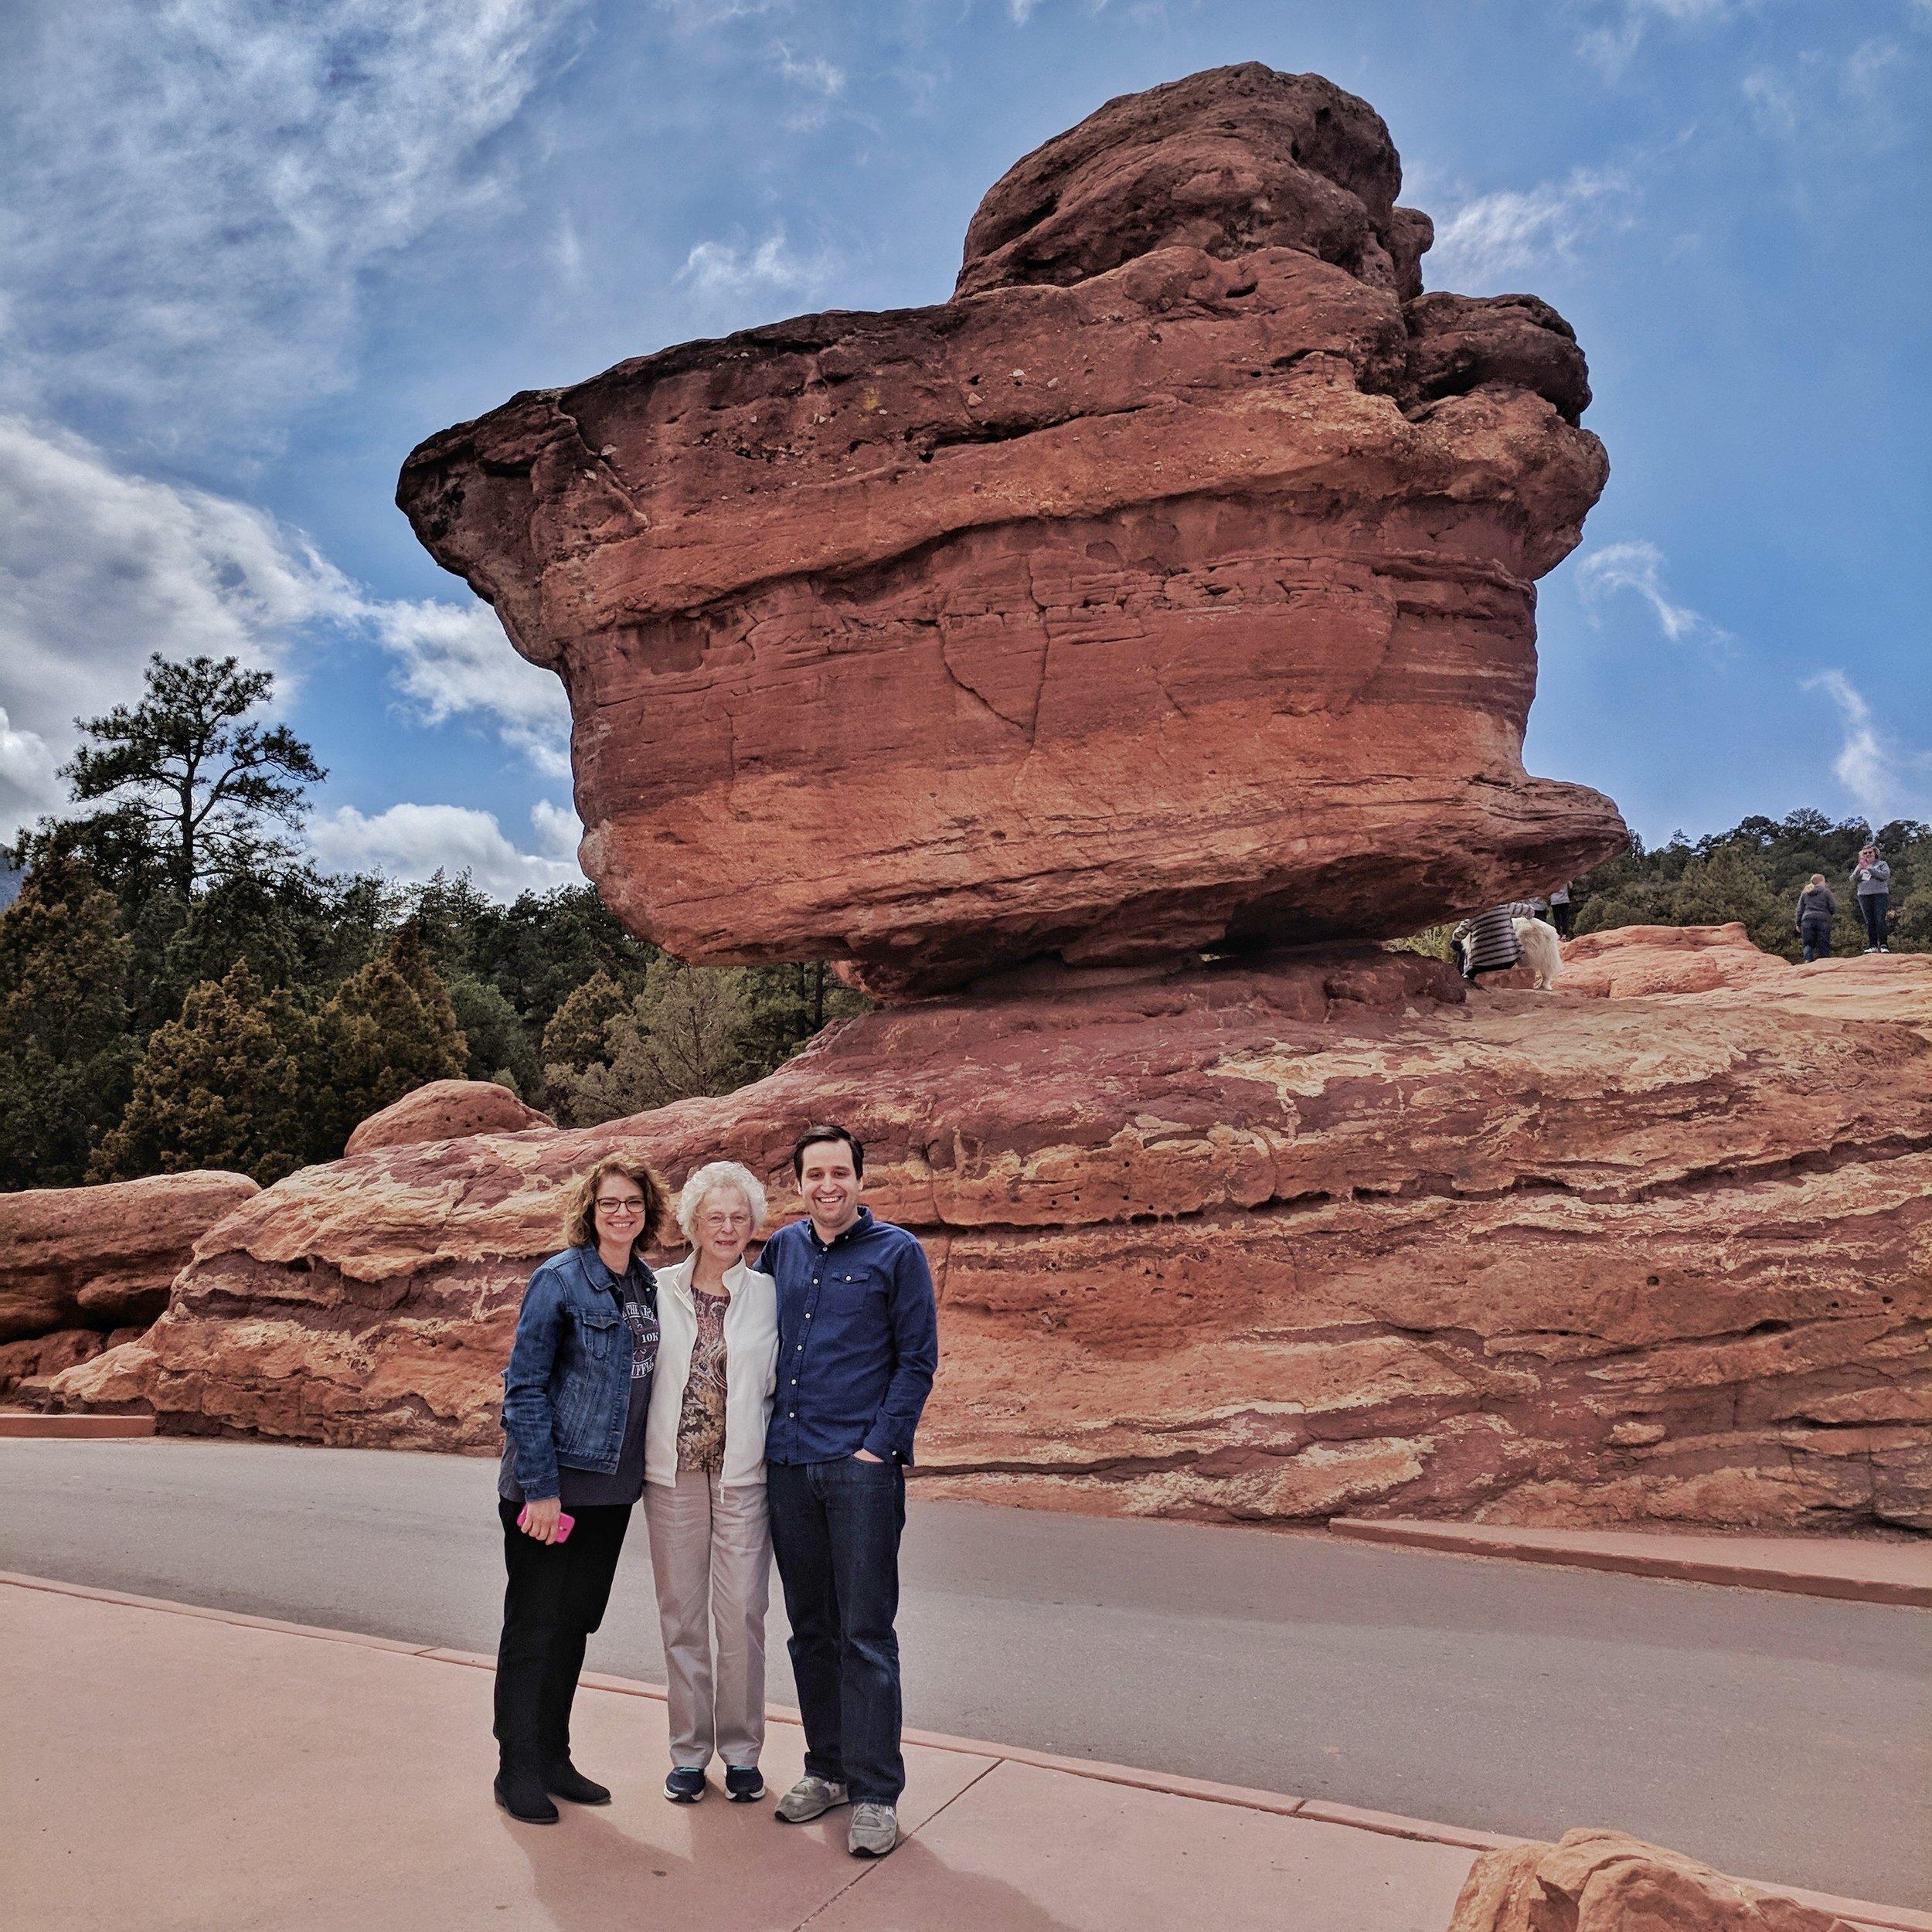 My mom, grandma, and I at Balanced Rock